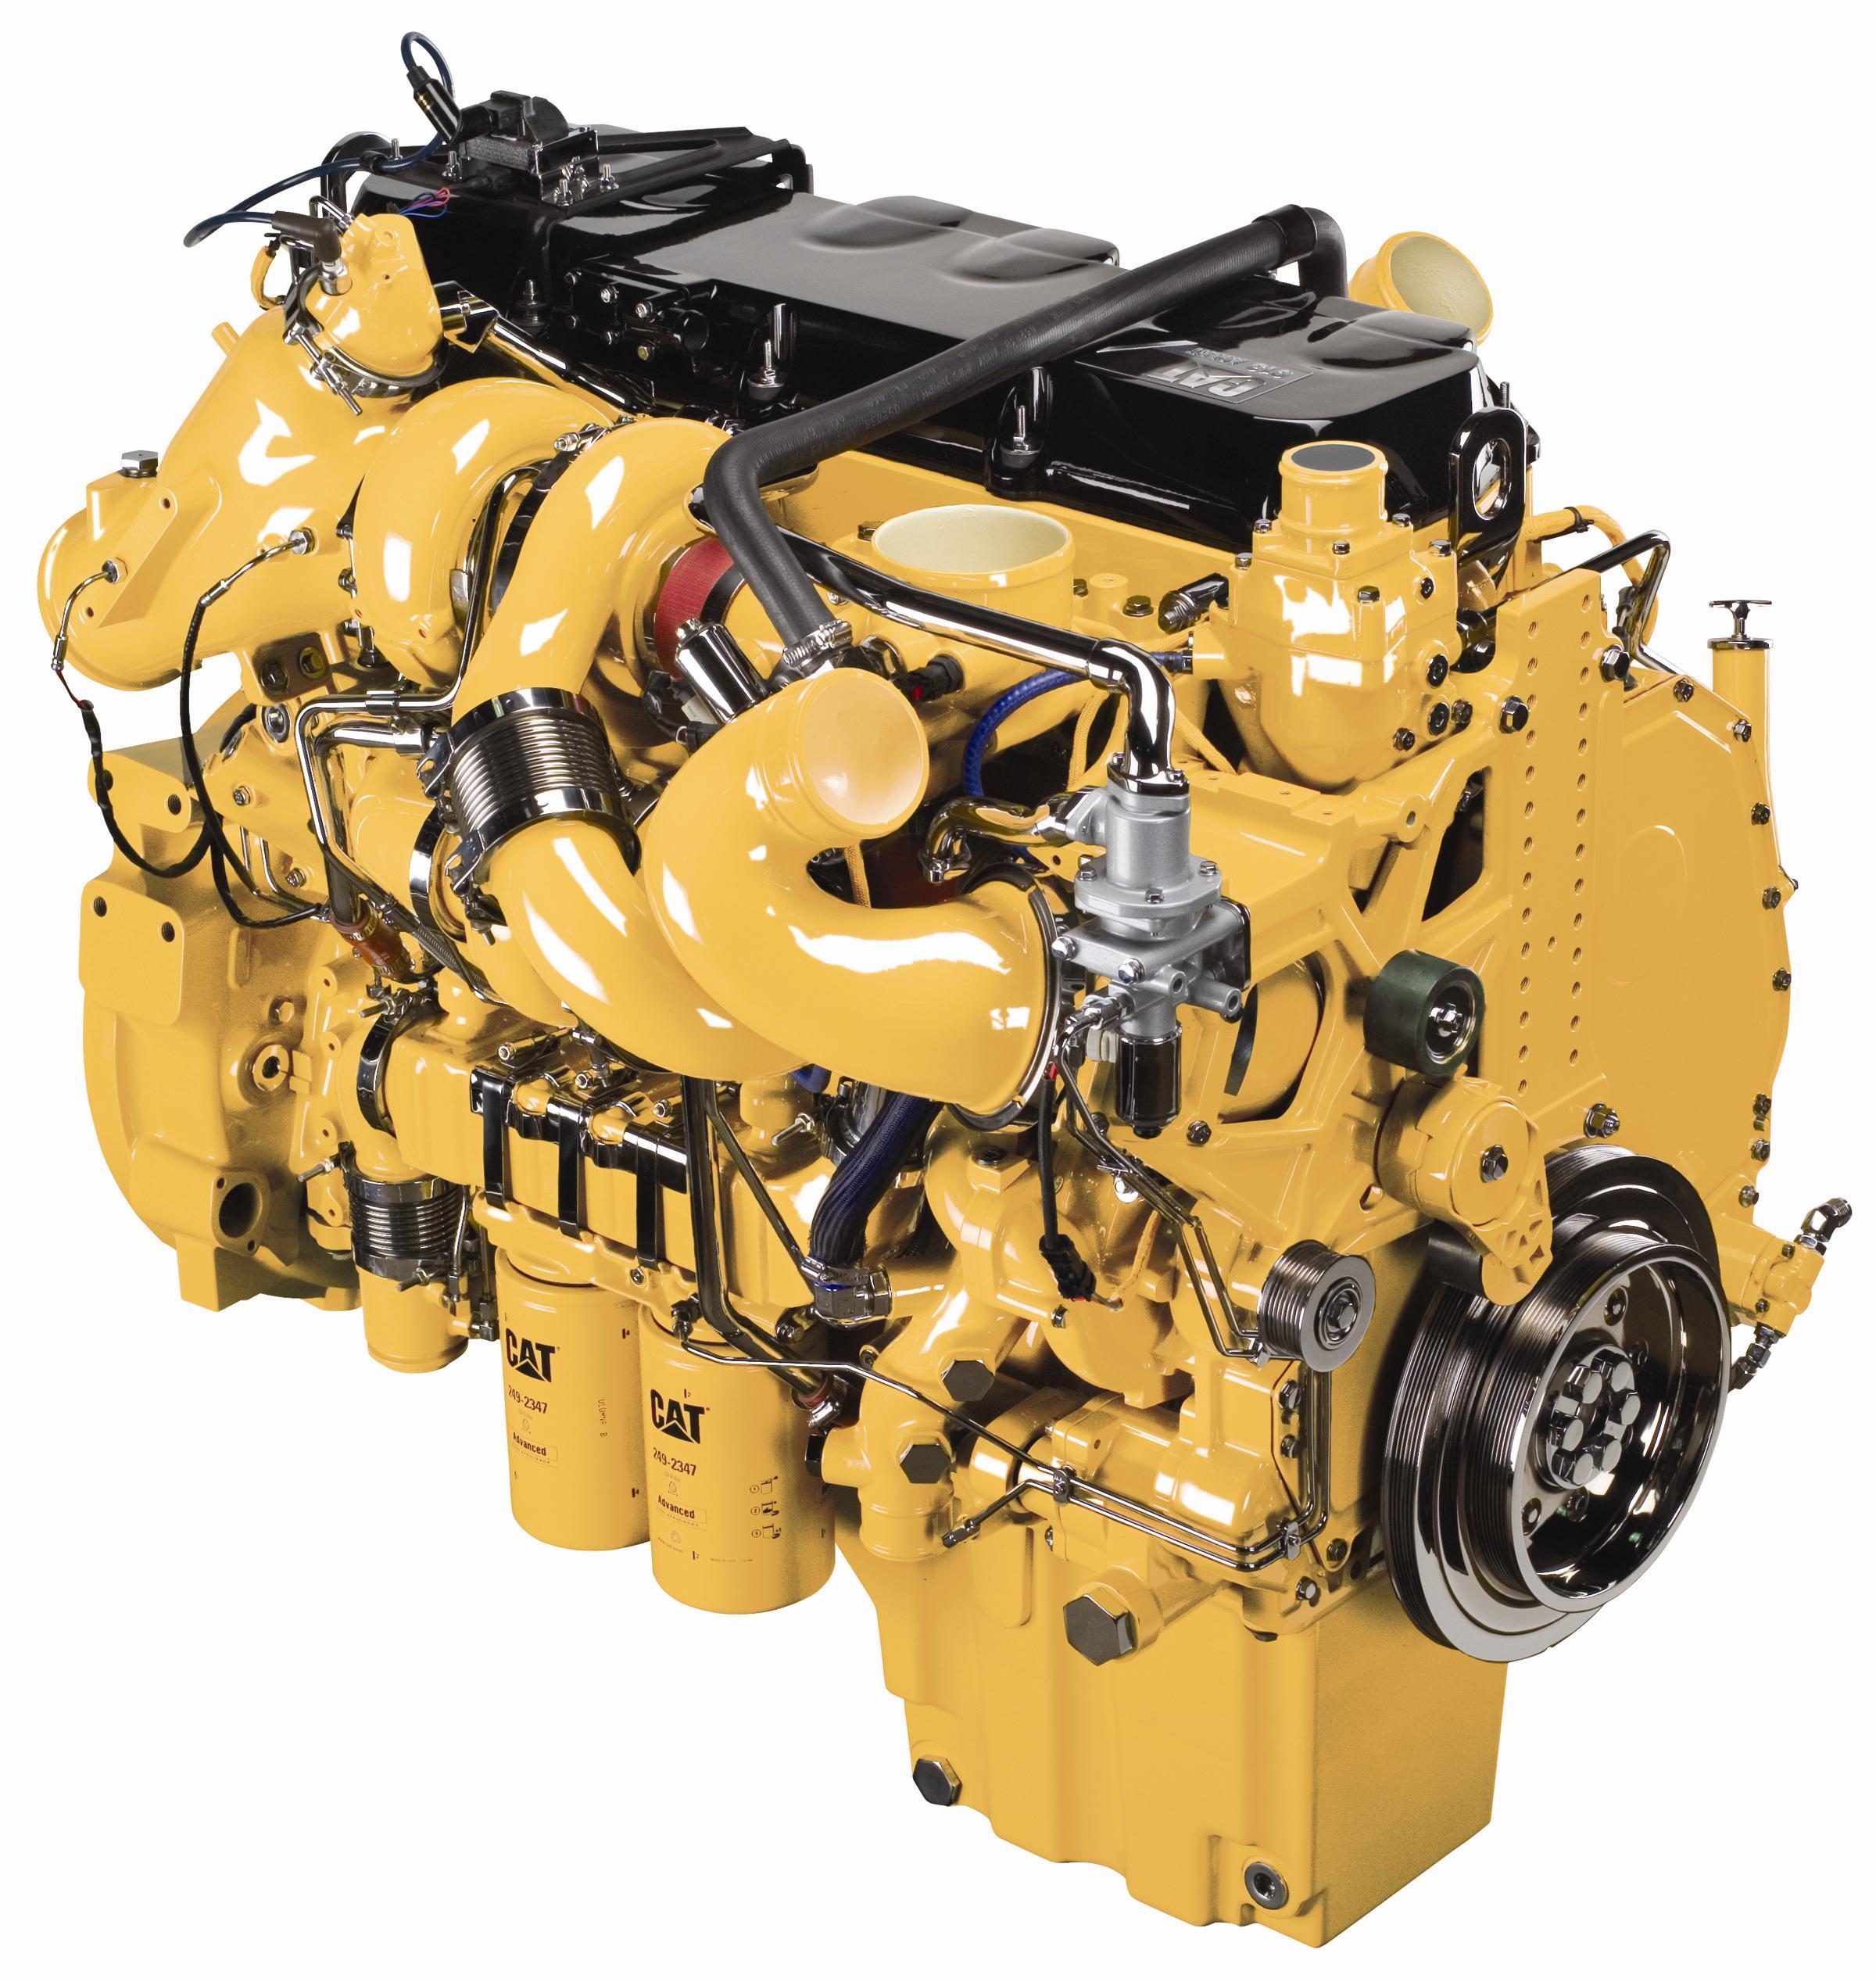 Cat C15 Acert Engine Diagram Intake Cat C15 Belt Diagram